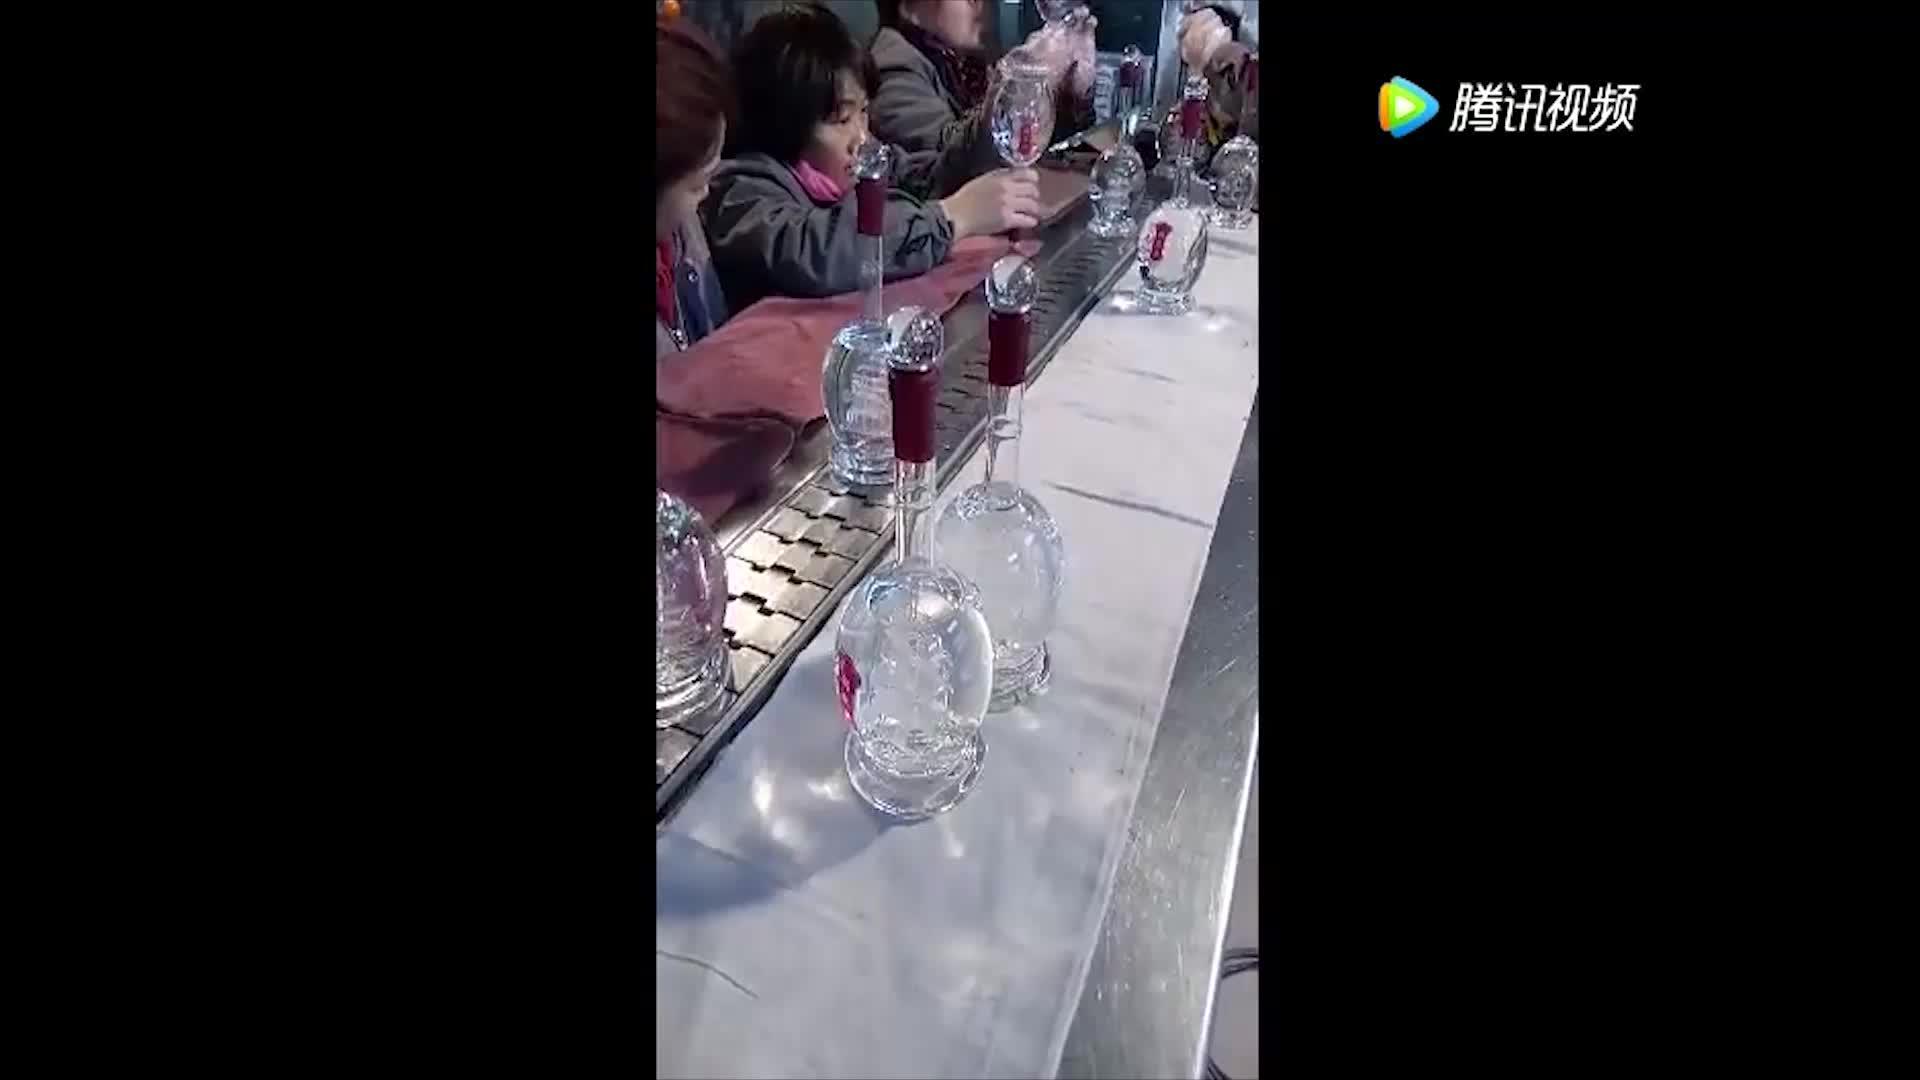 这些员工正在检查白酒的纯度我也喜欢这份工作